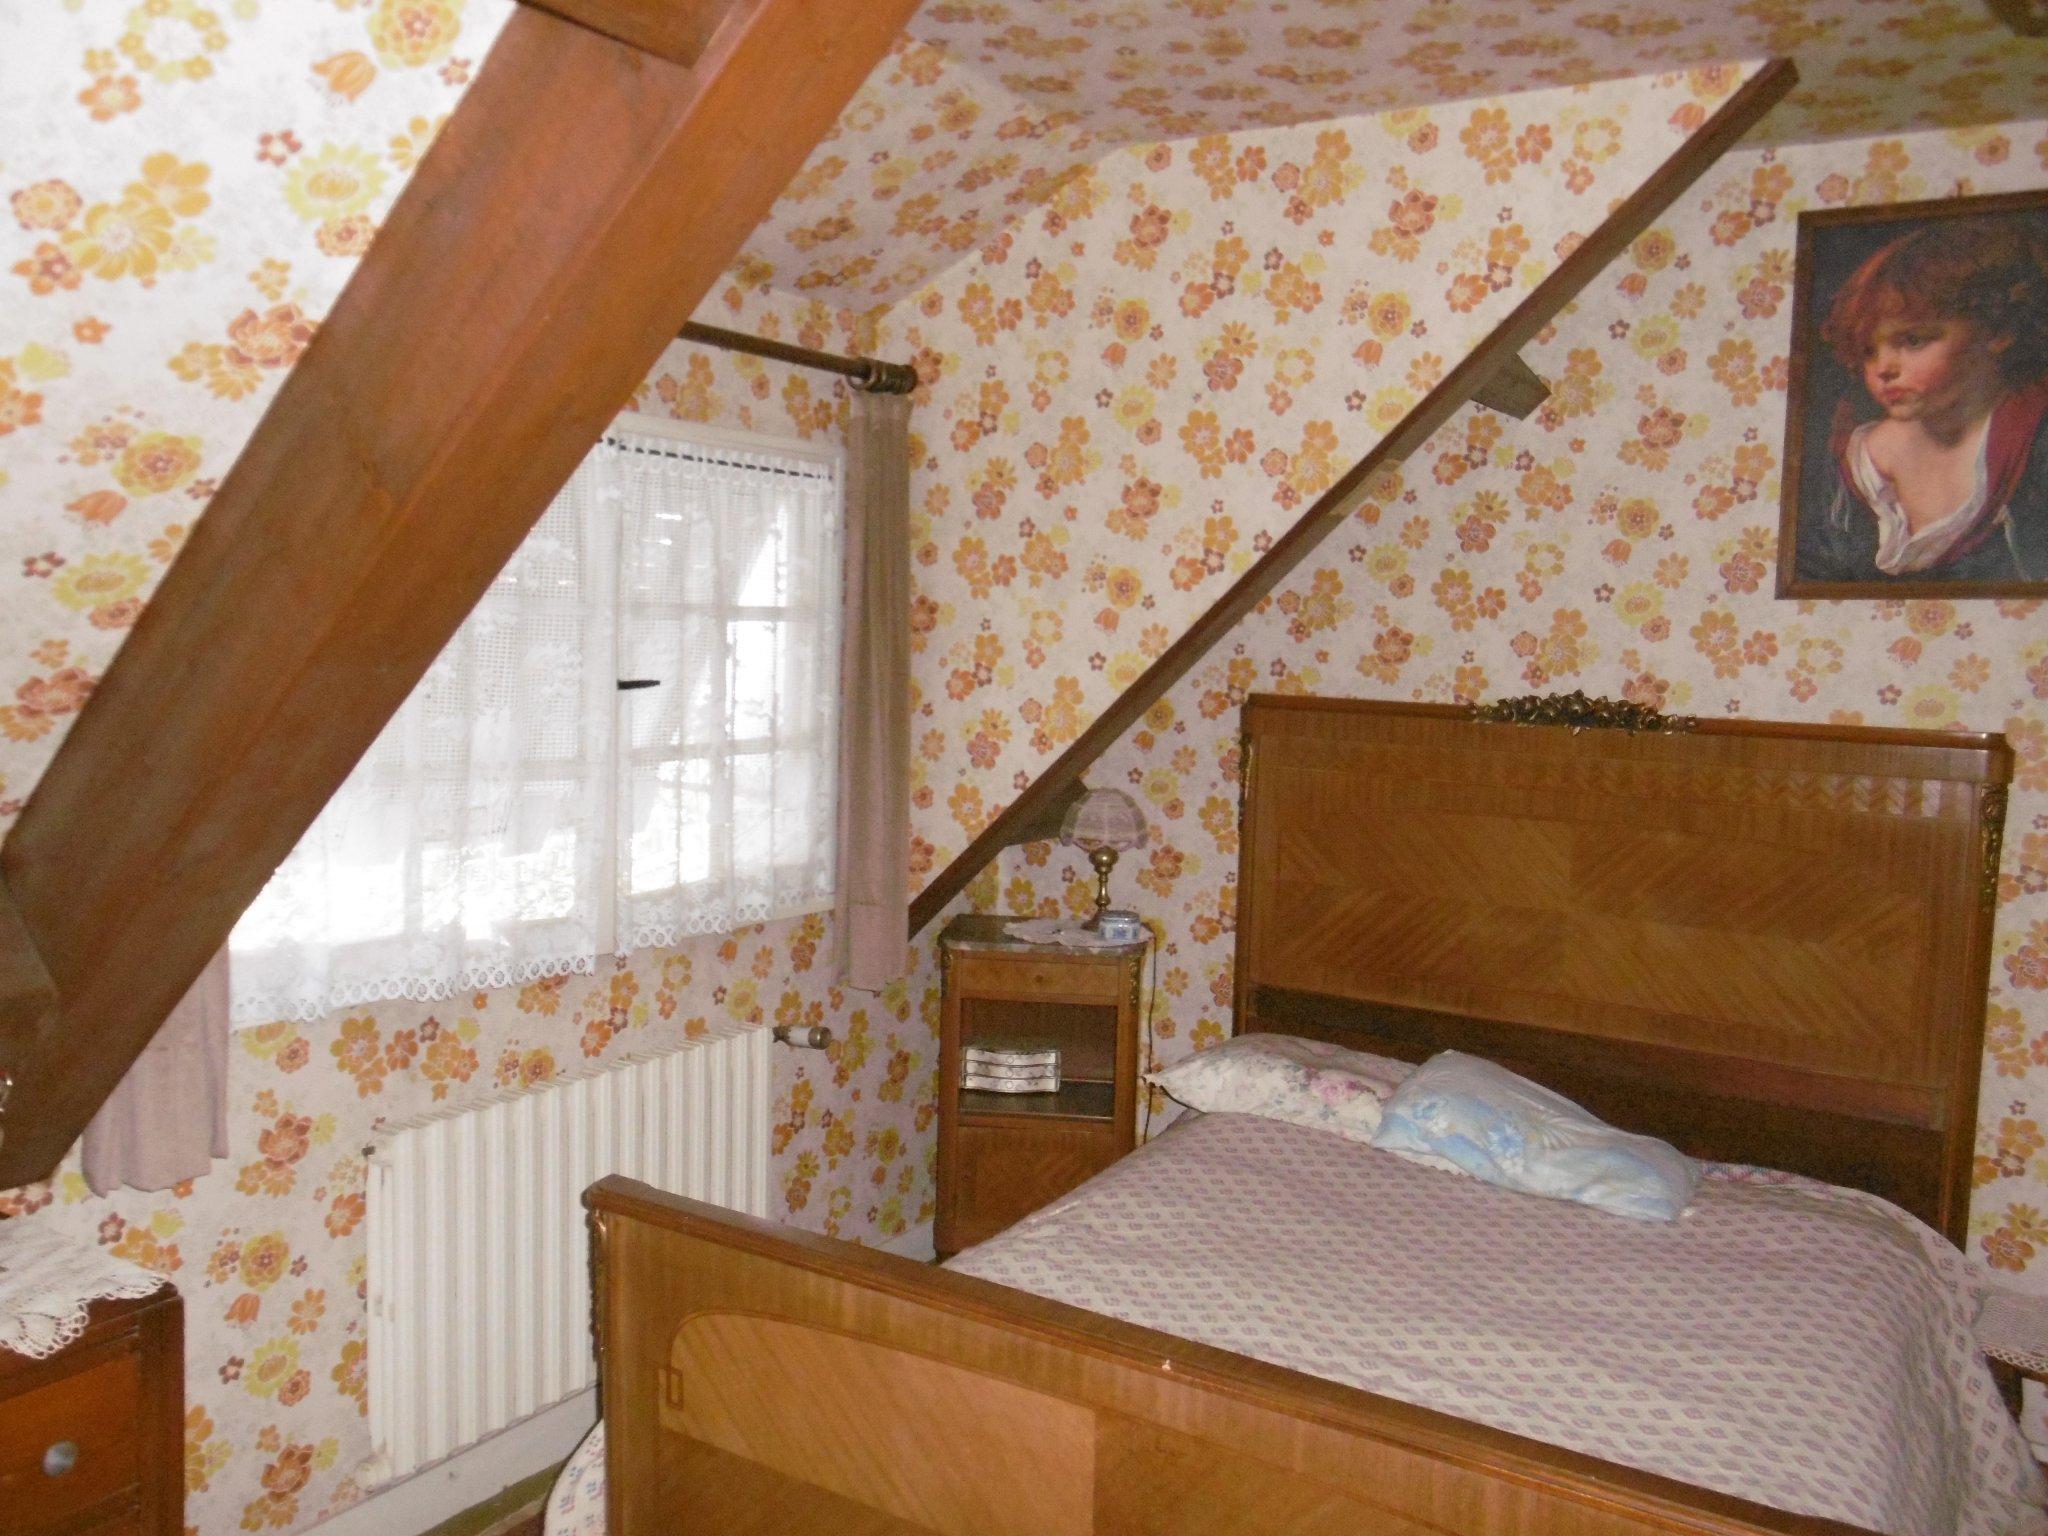 Vente Maison À Vendre À Saint Aignan Sur Cher intérieur Chambre D Hote Saint Aignan Sur Cher